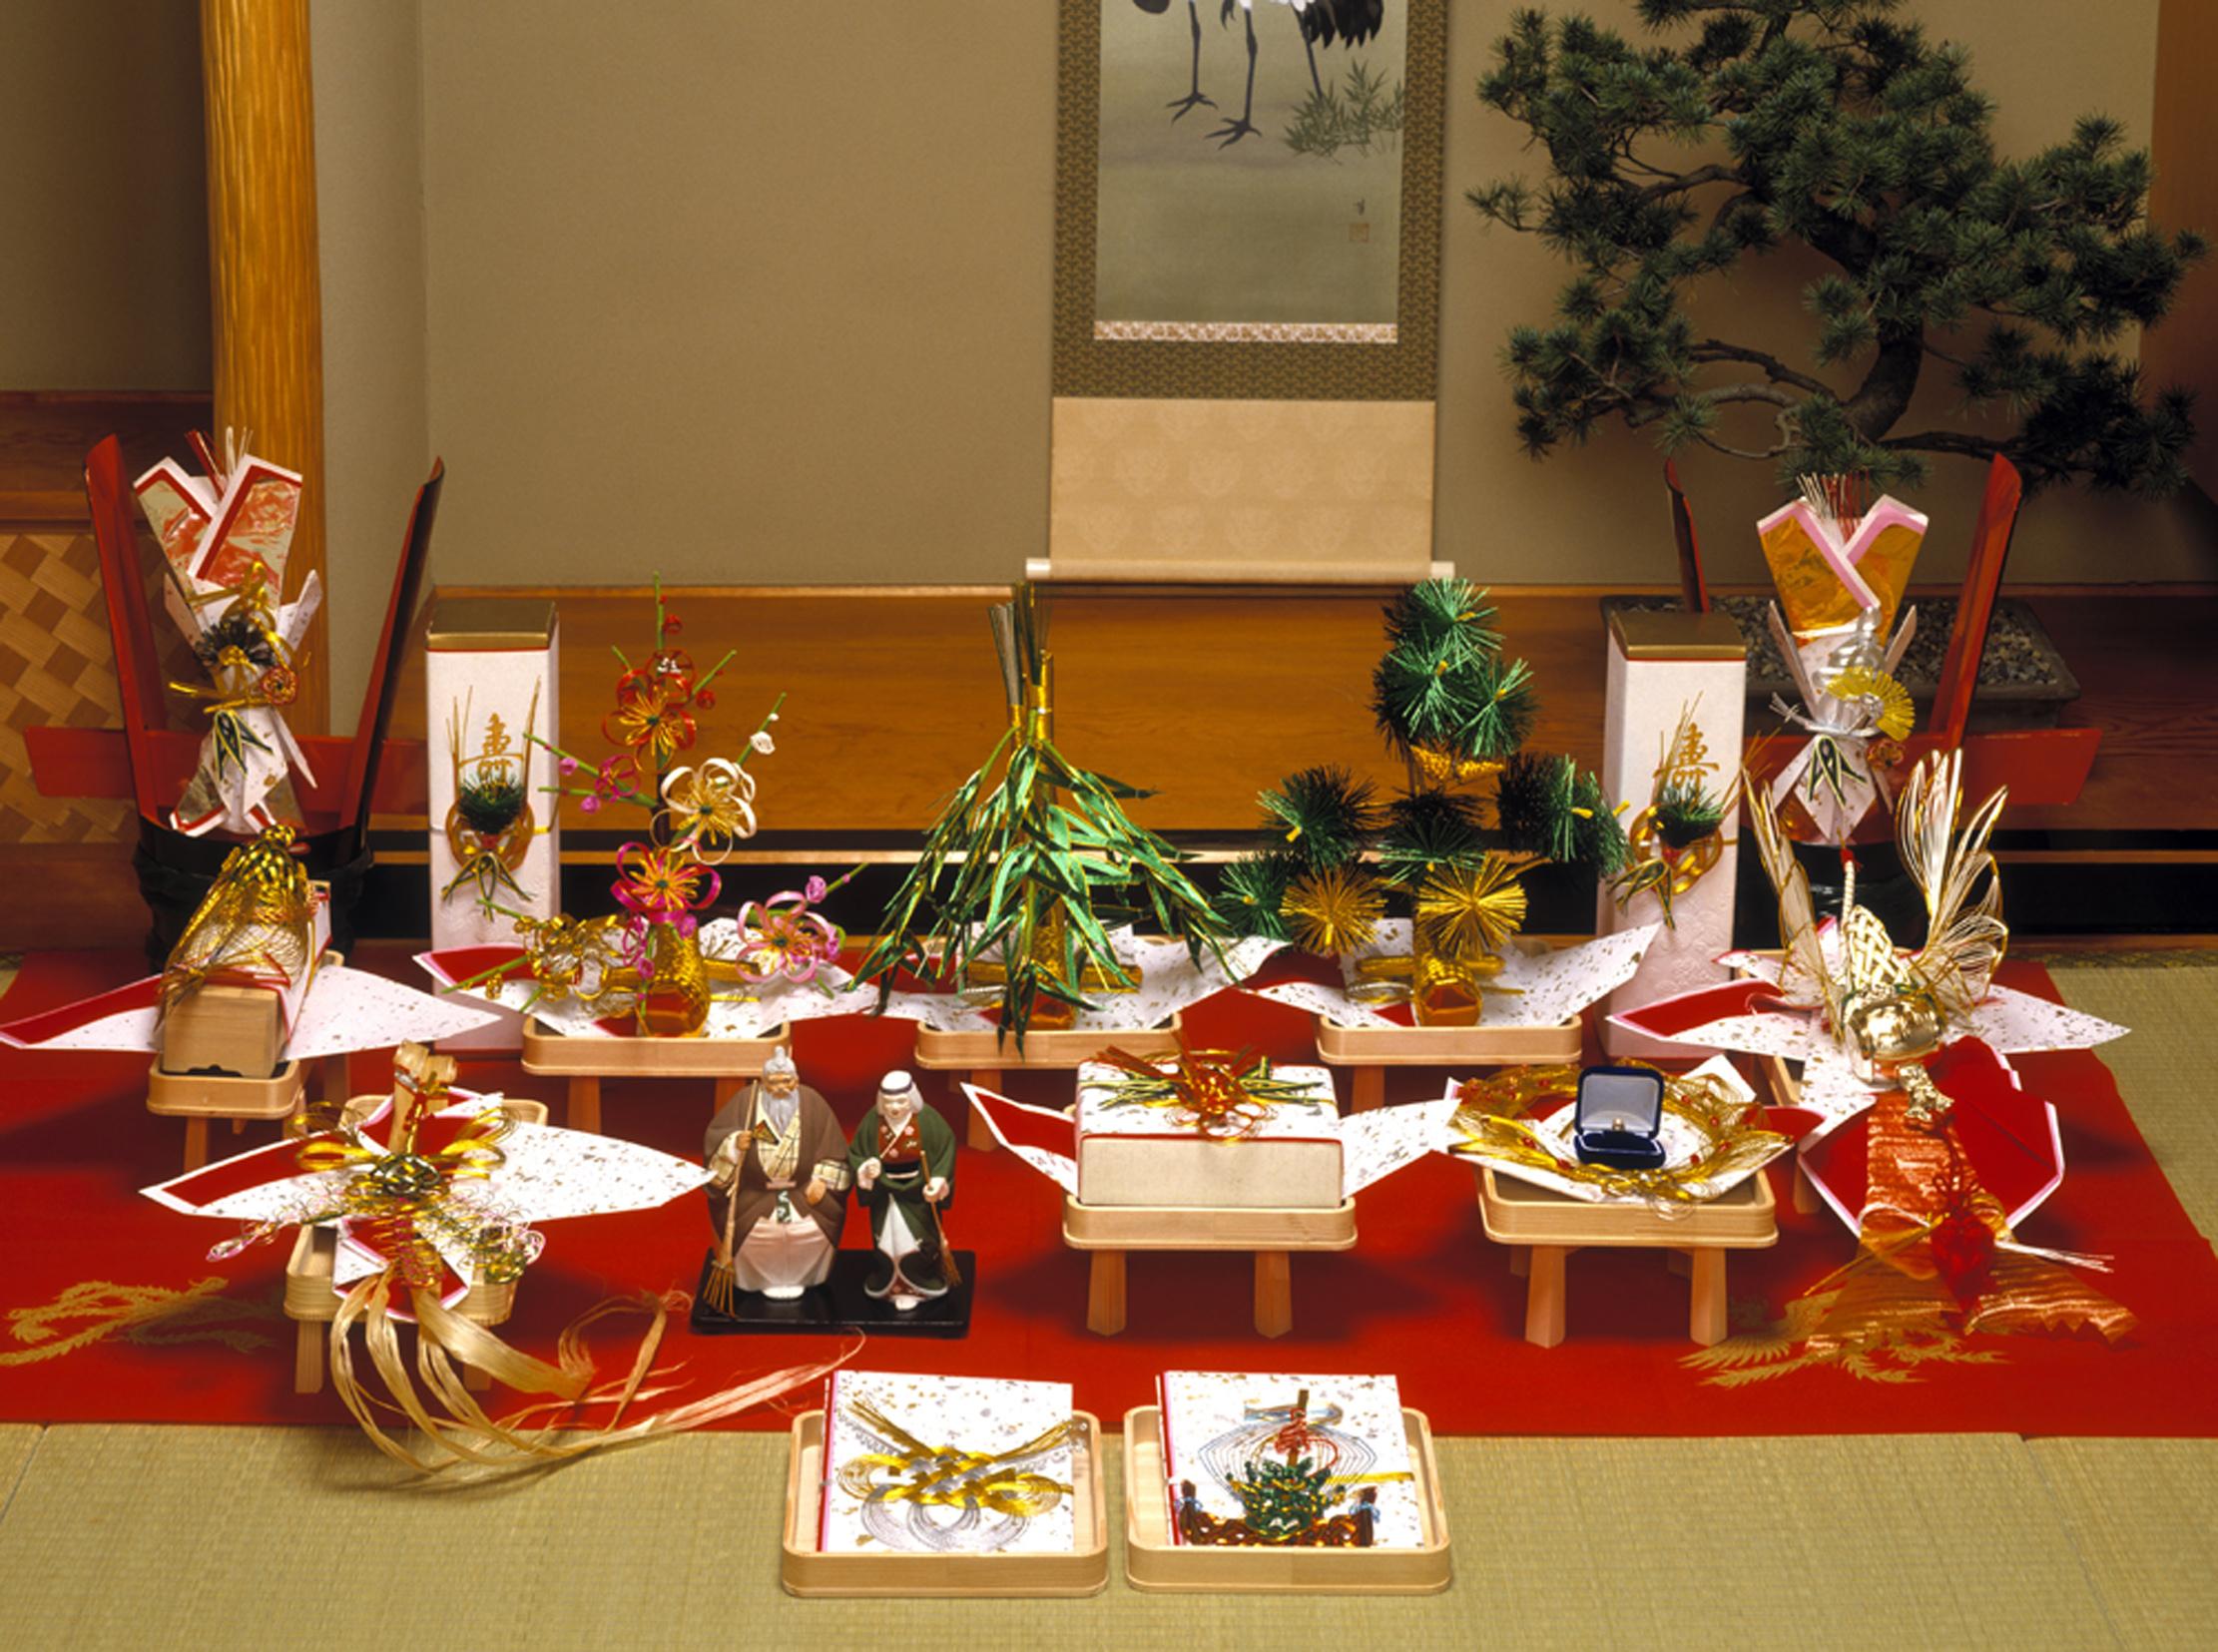 【静岡市・富士市・富士宮市タグホイヤー 結納返し】一緒に選ぶ、婚約記念品。